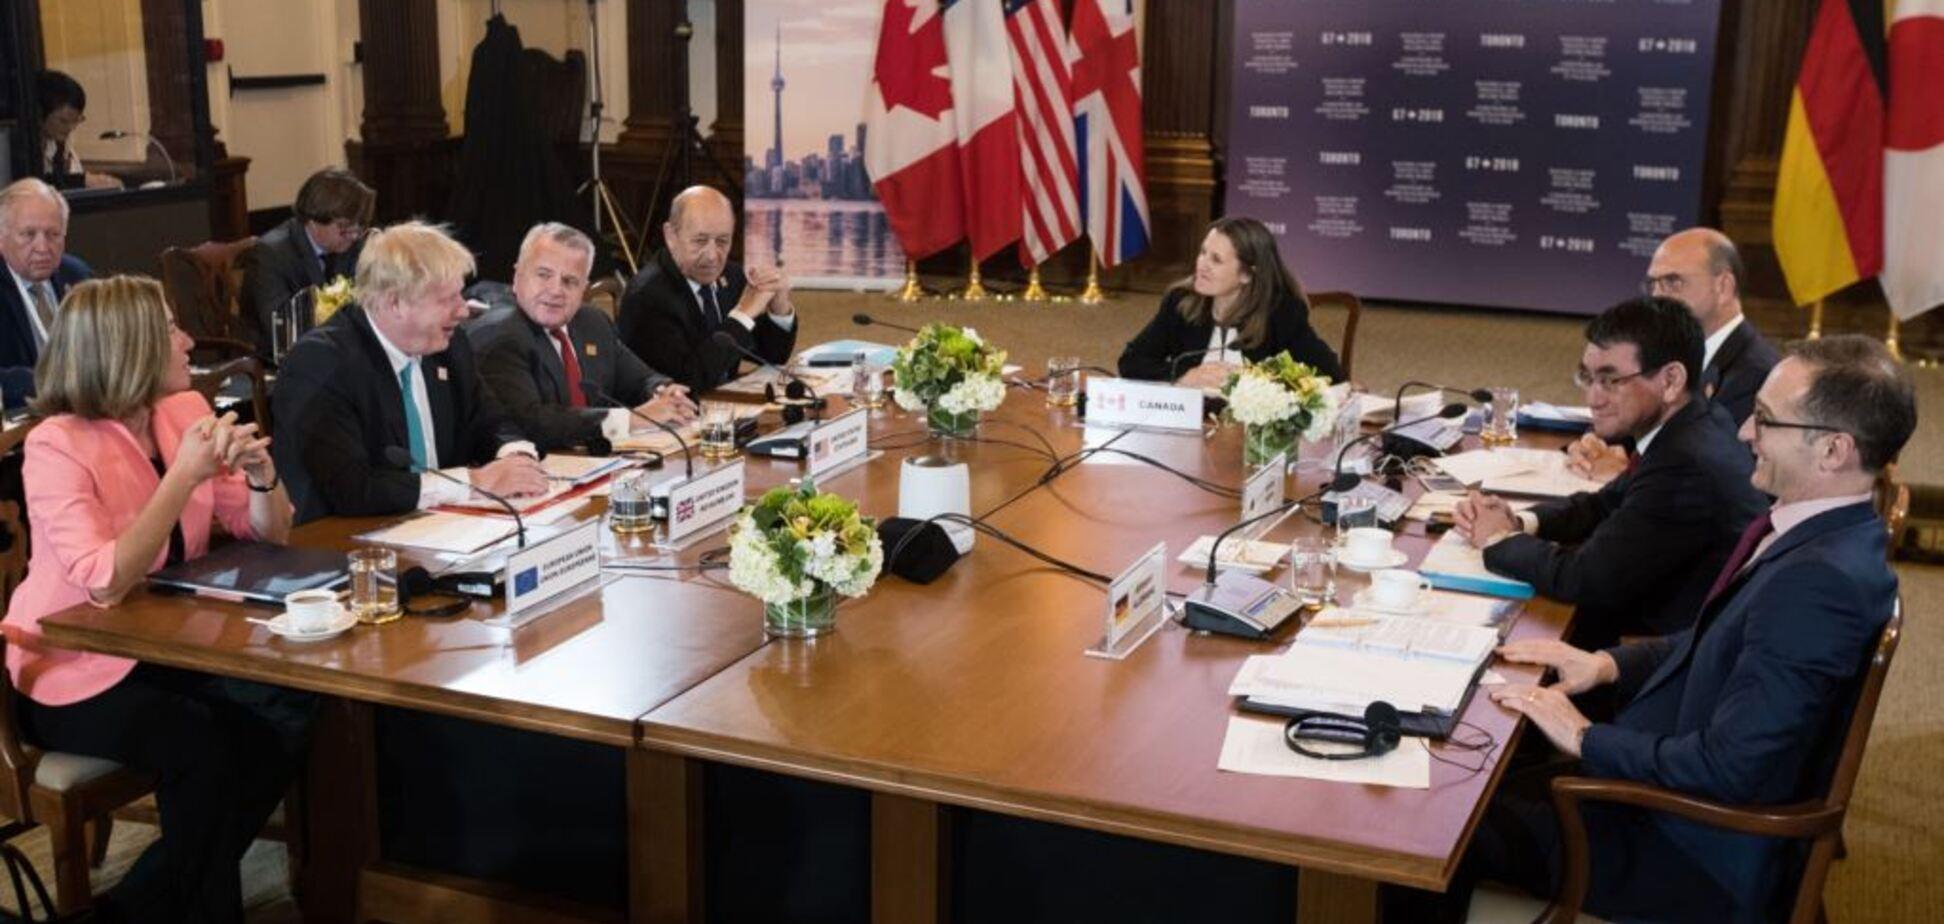 Встреча глав МИД стран «Большой семерки». Торонто, 22 апреля 2018 года